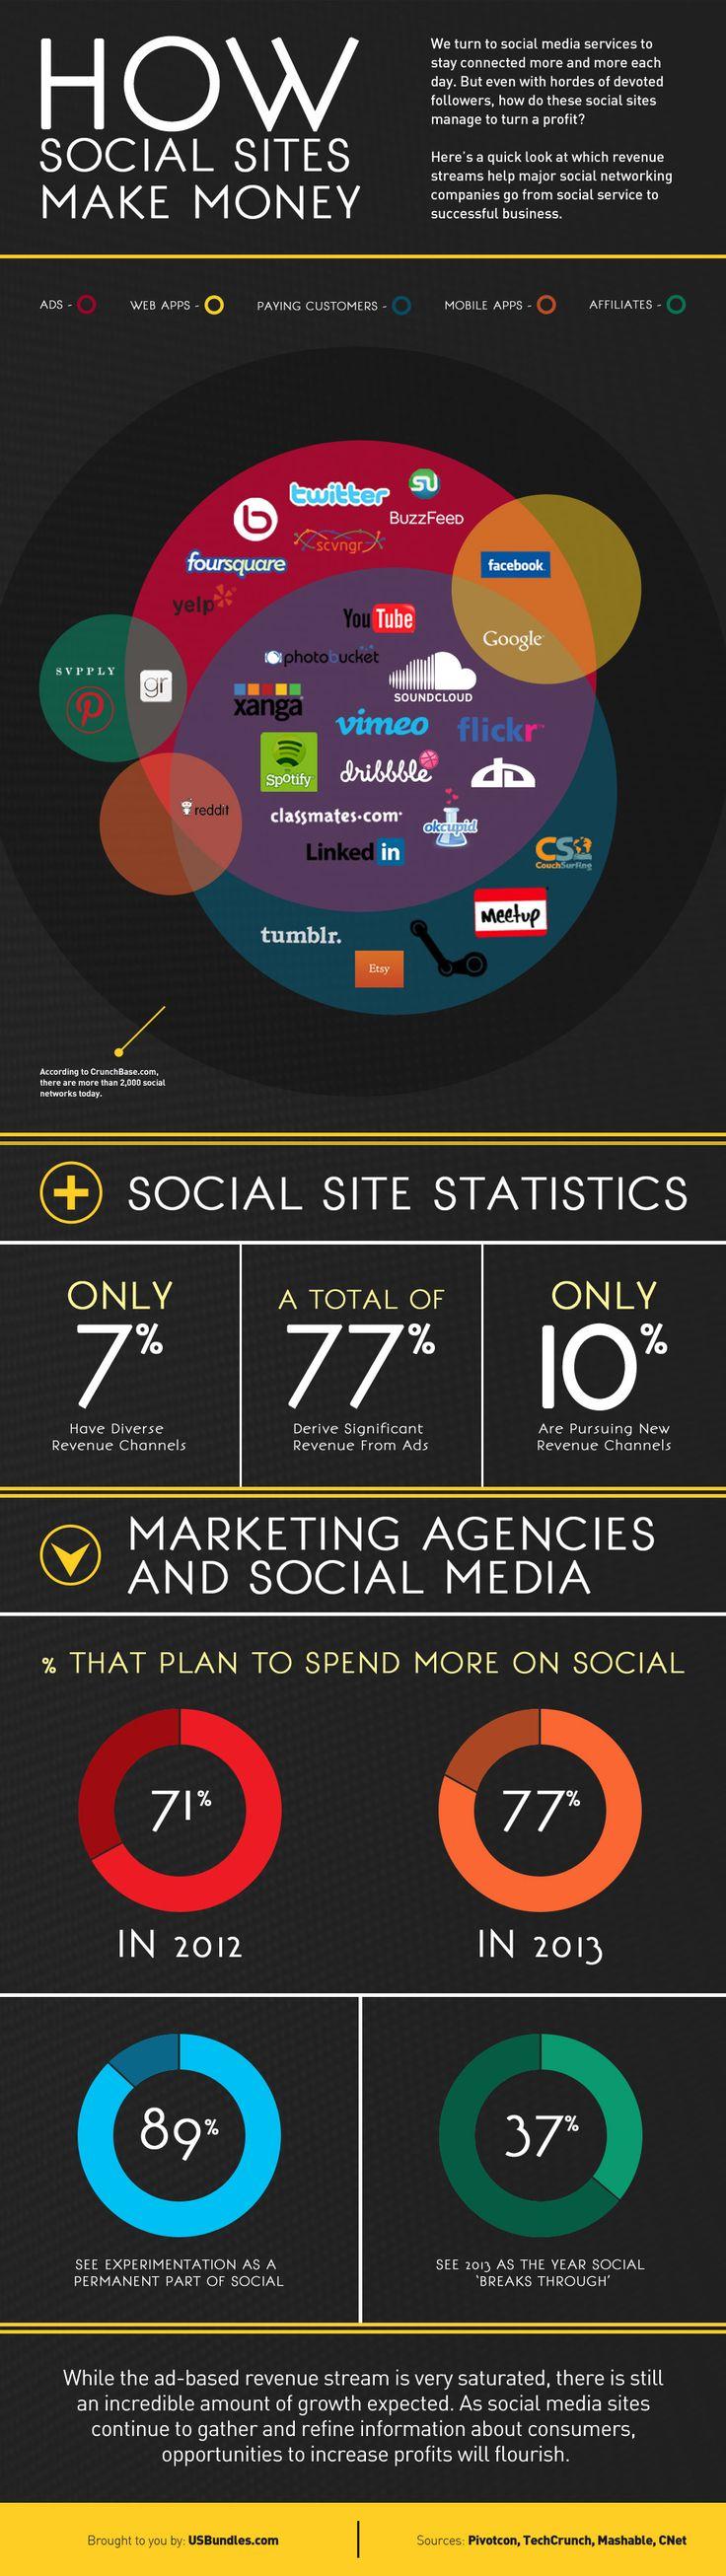 How do social sites make money?